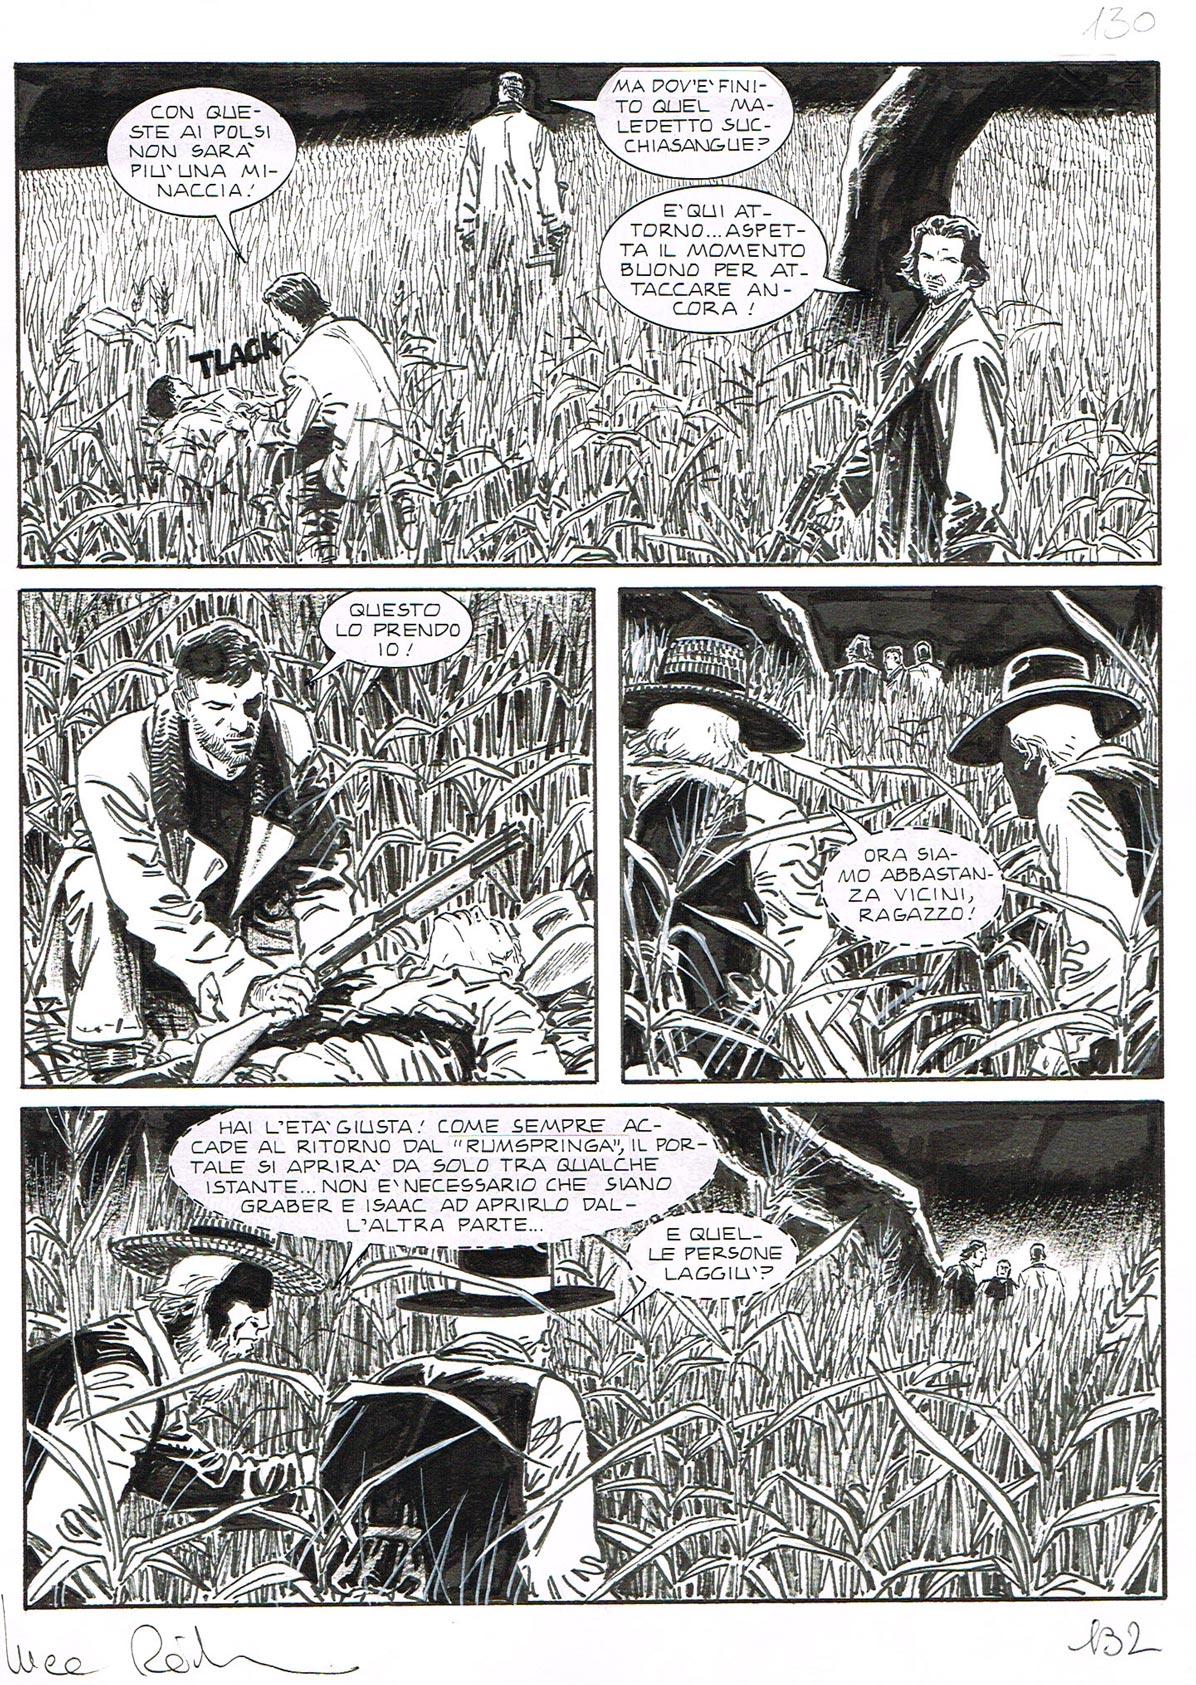 Luca Raimondo - Dampy Speciale n8 pag. 132